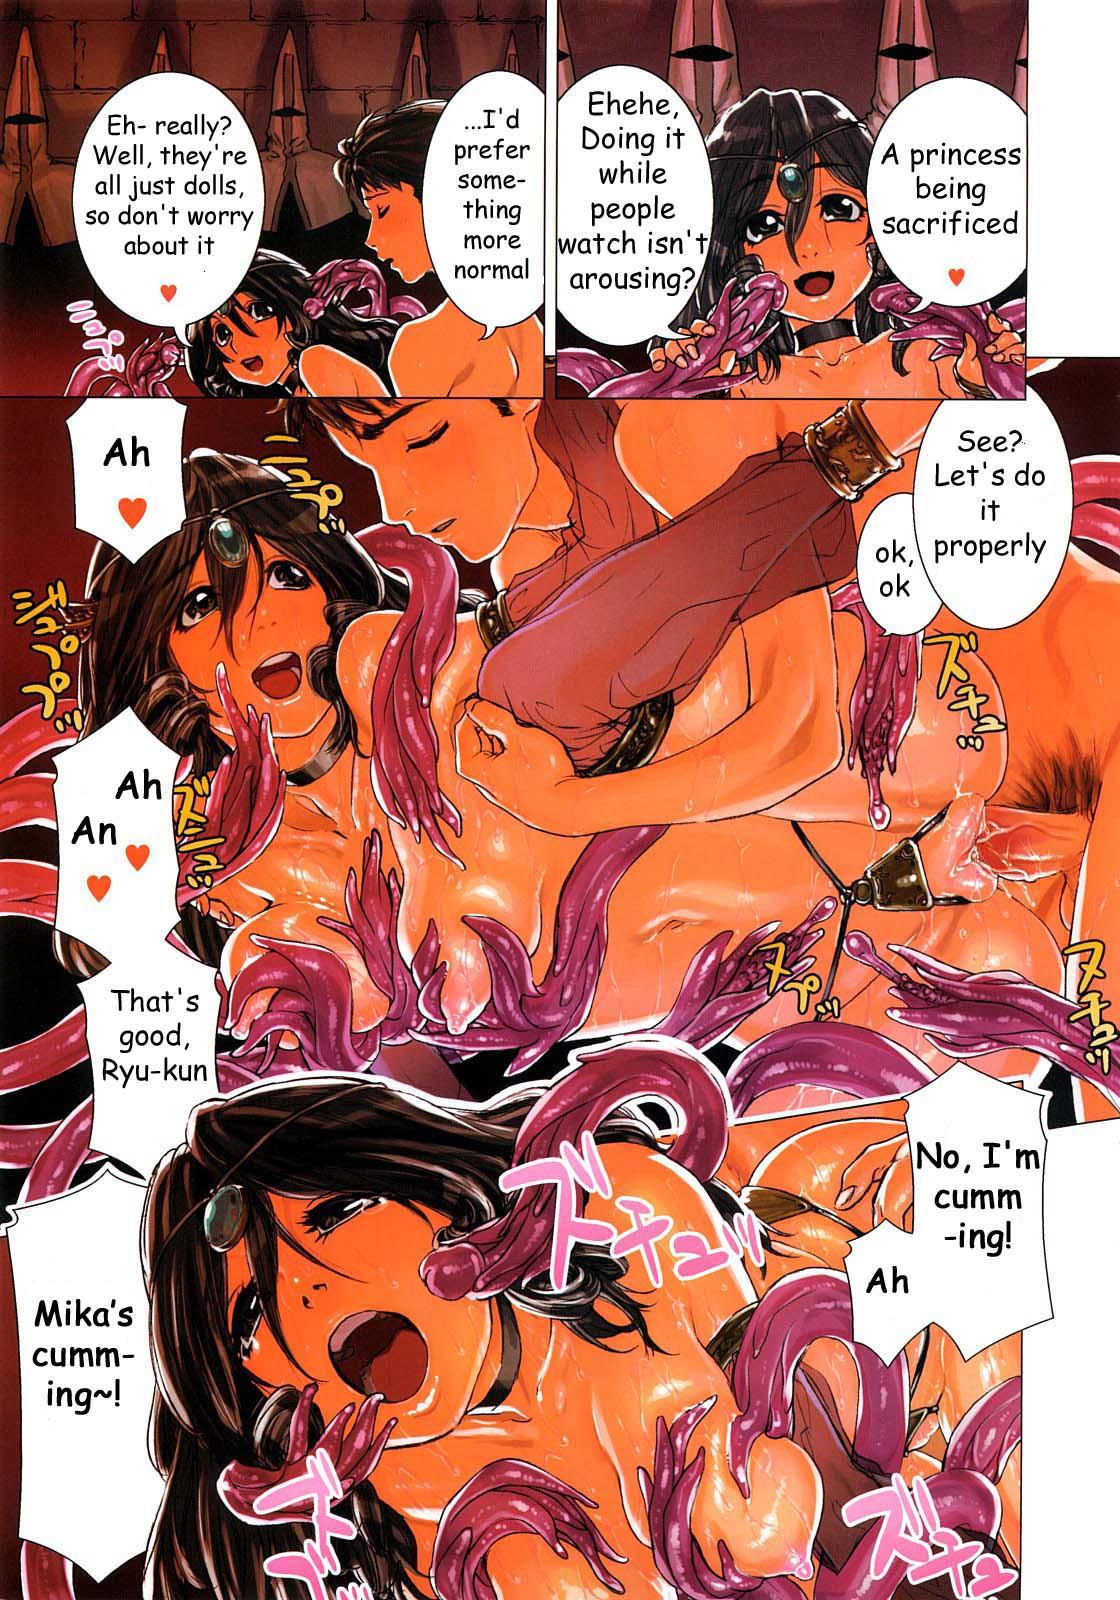 64160_cyber_www.hentairules.net_03_123_981lo.jpg